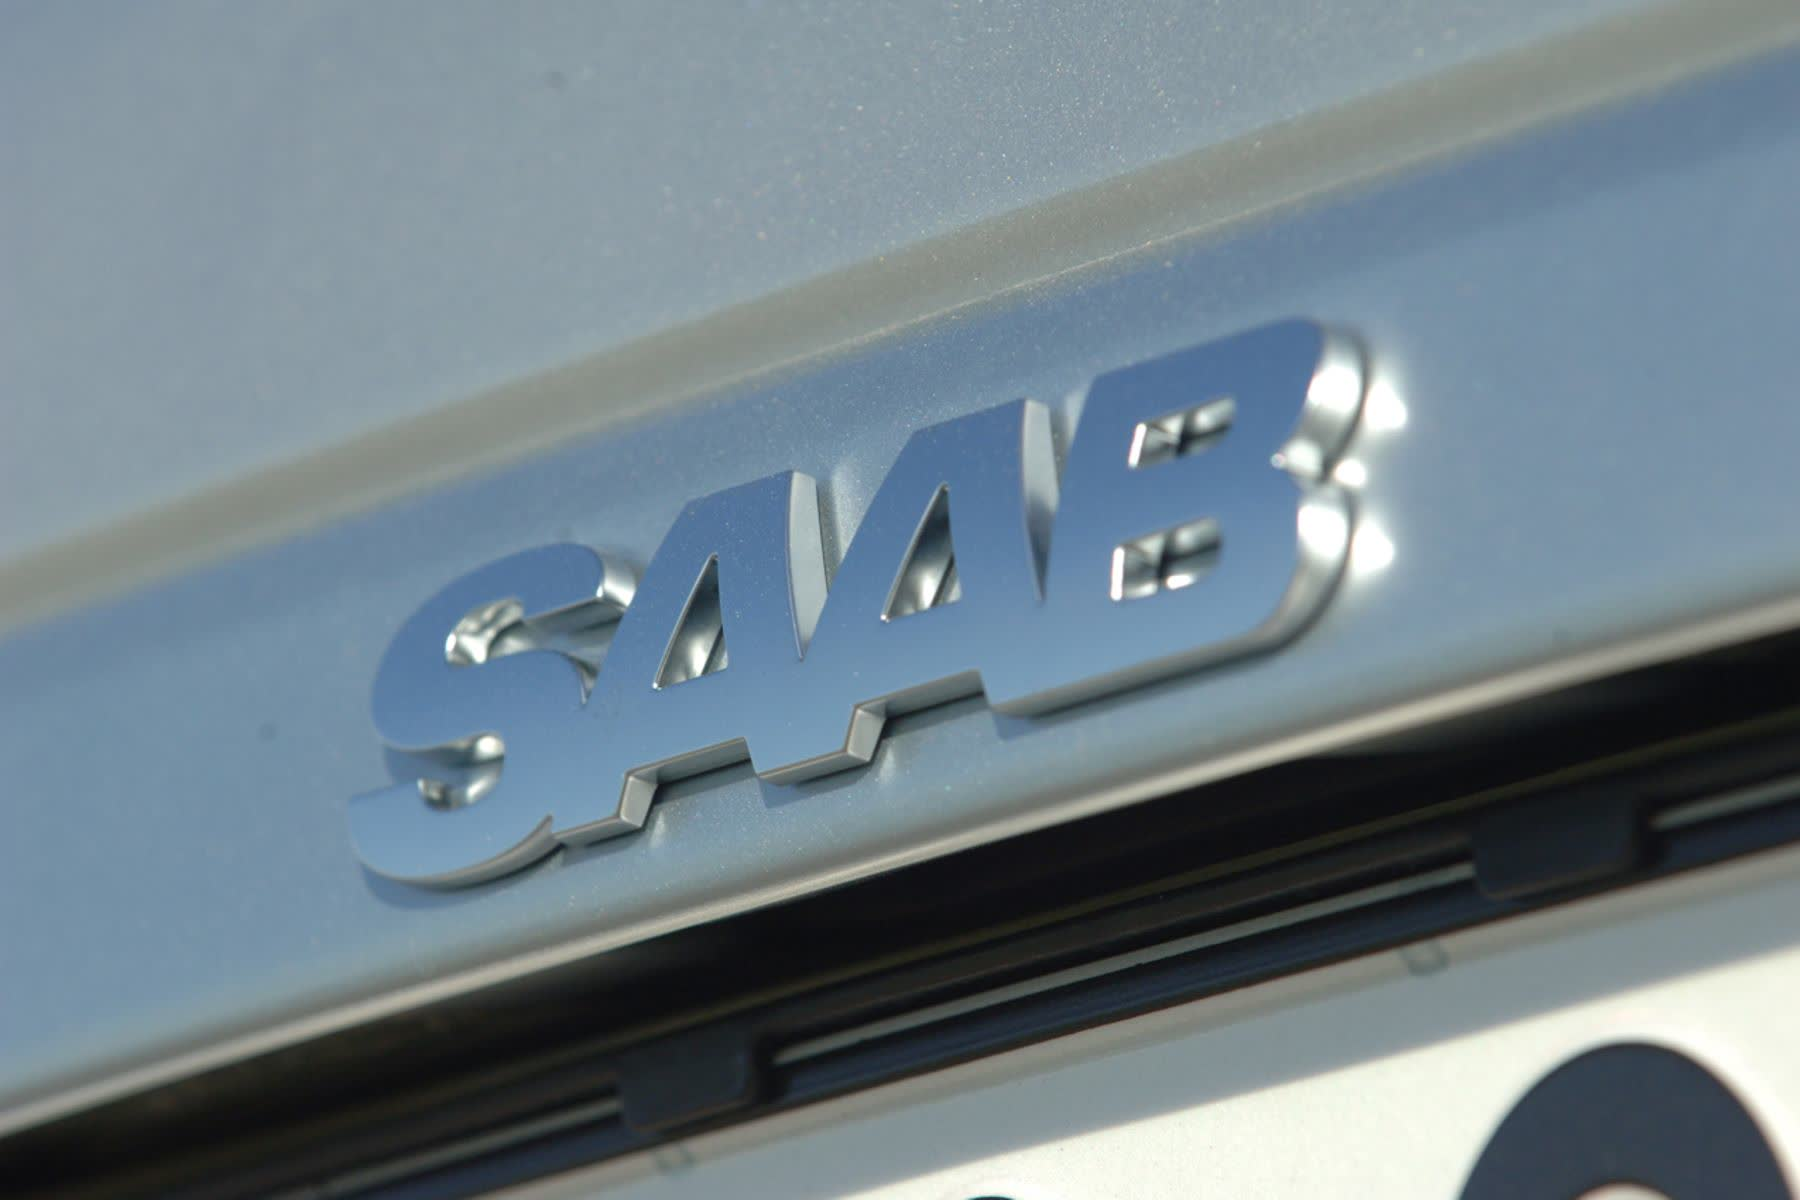 Saab-9-3-Aero-Turbo4-2014-13